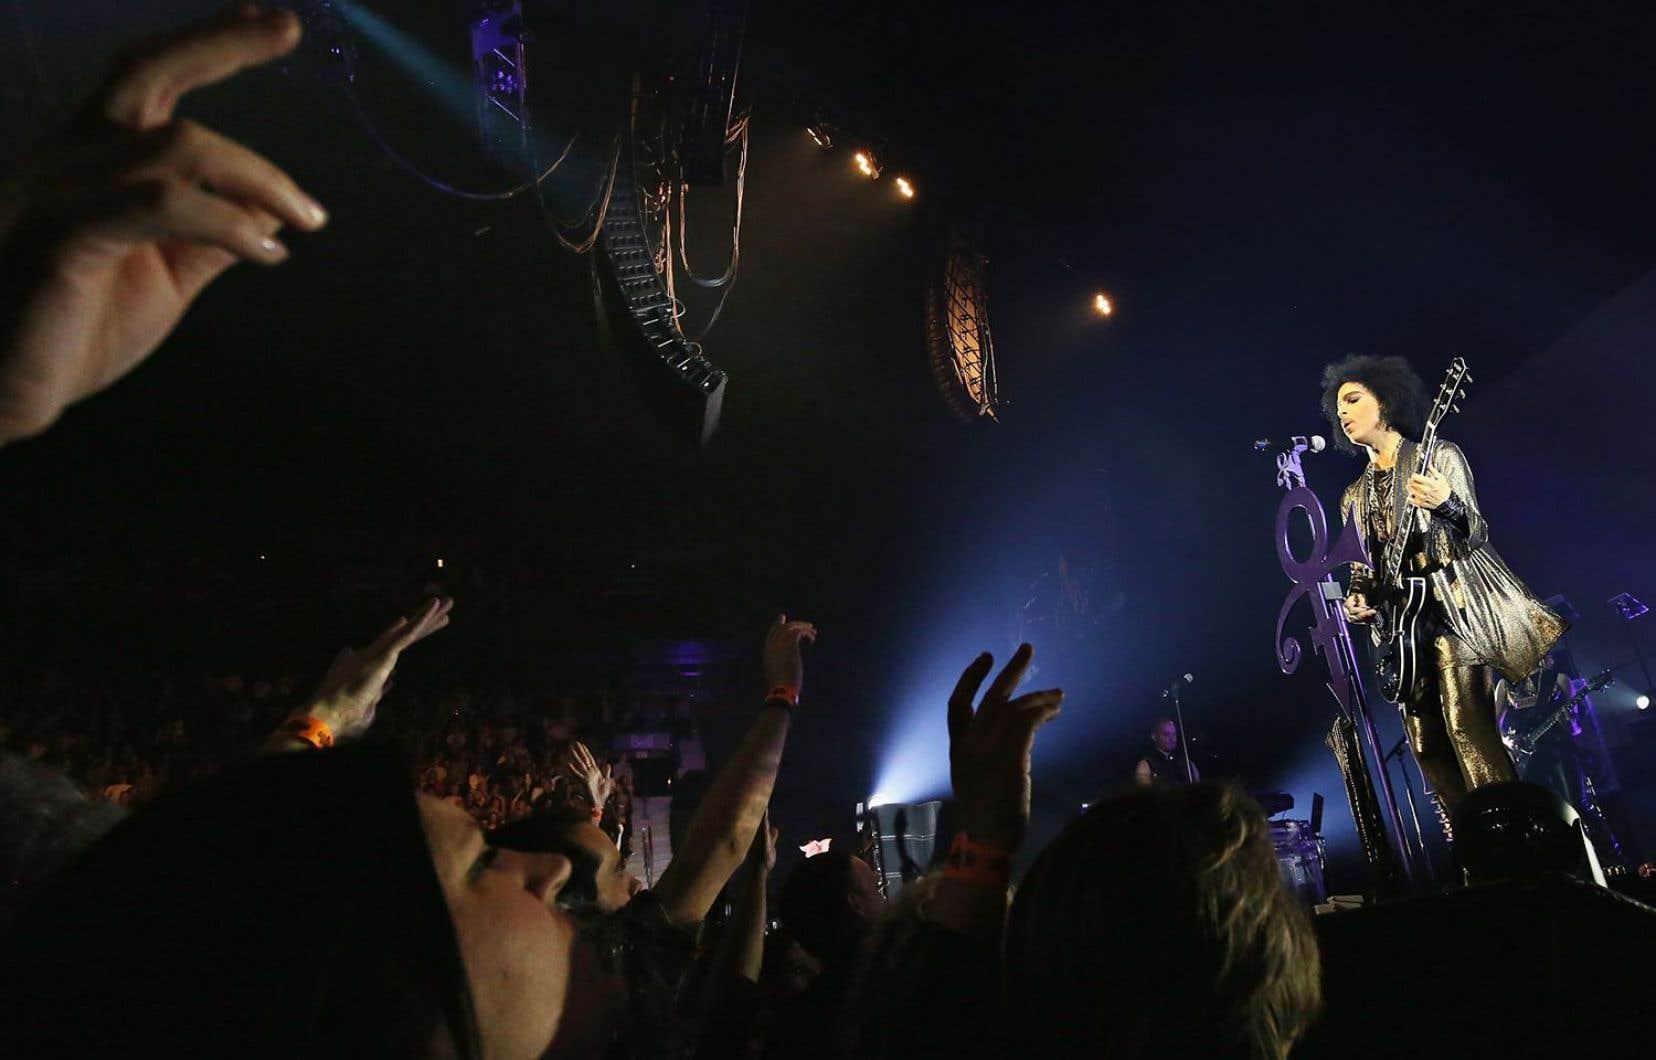 Prince a passé la moitié des chansons à faire le meneur de claque et faire entonner « Mon-tre-al » aux Montréalais.